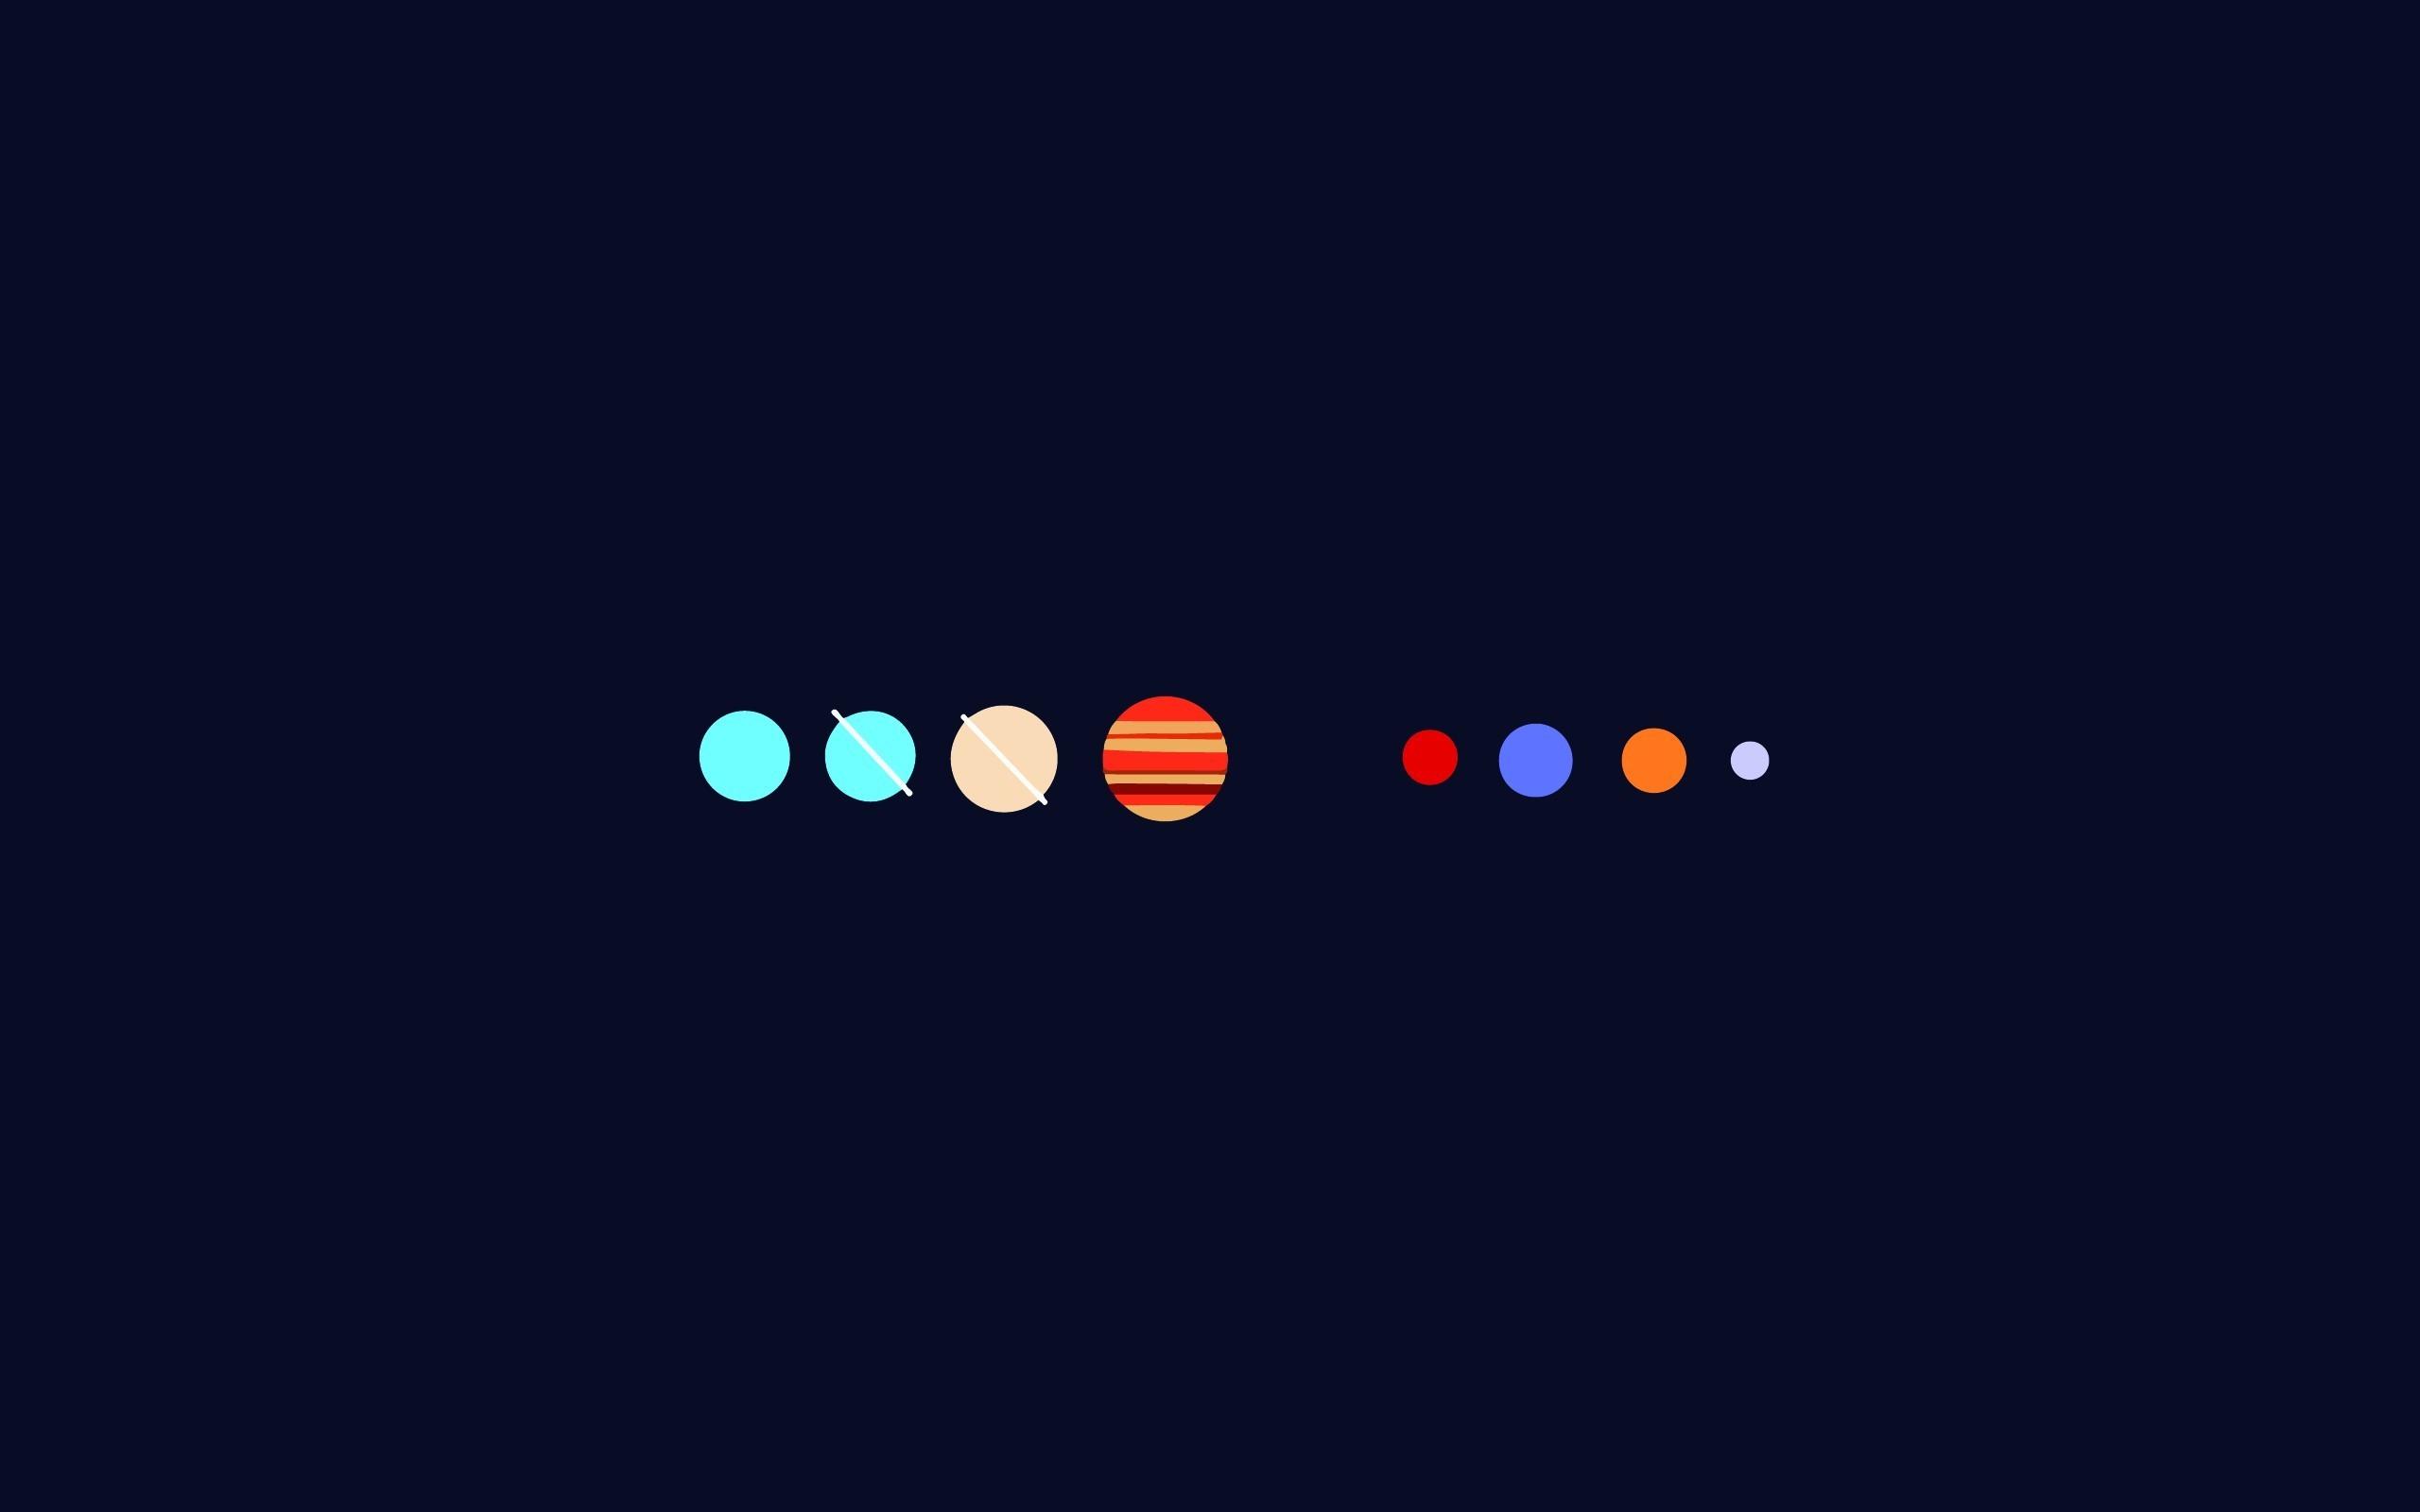 2560x1600 Px Minimalism Planet Solar System